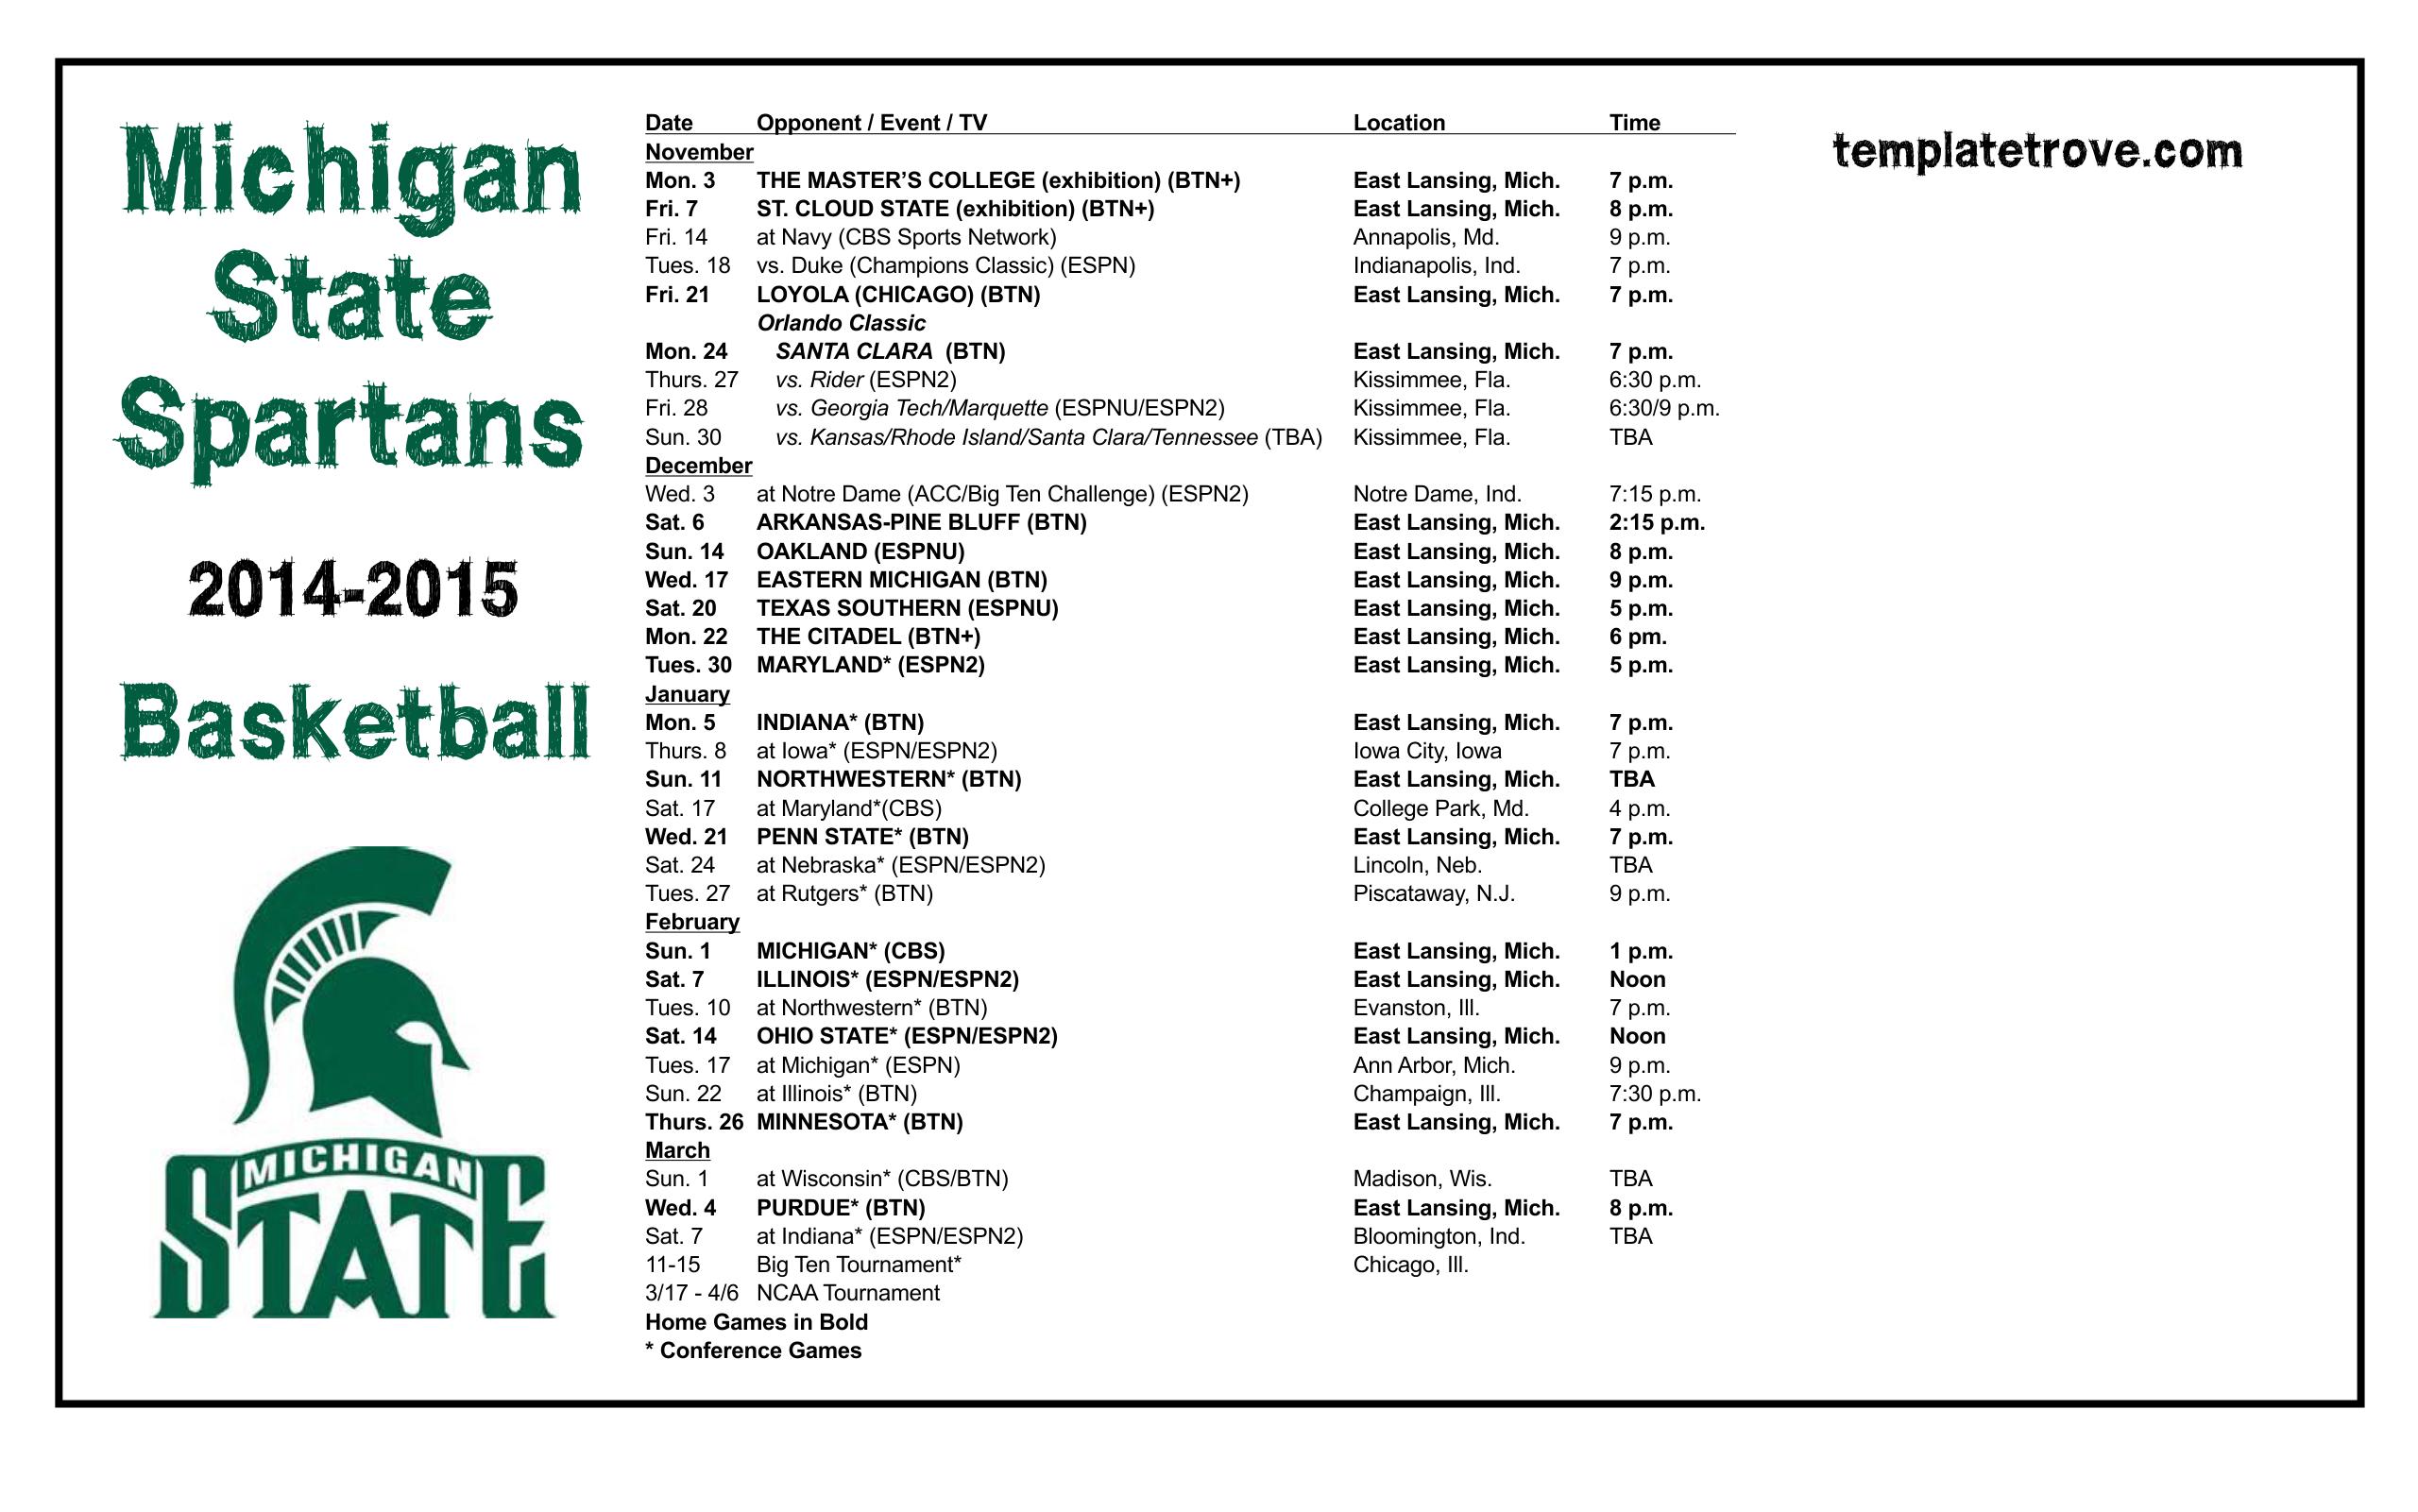 Sdsu Schedule Basketball 2014 2015 2015 Calendar Printable 2560x1601